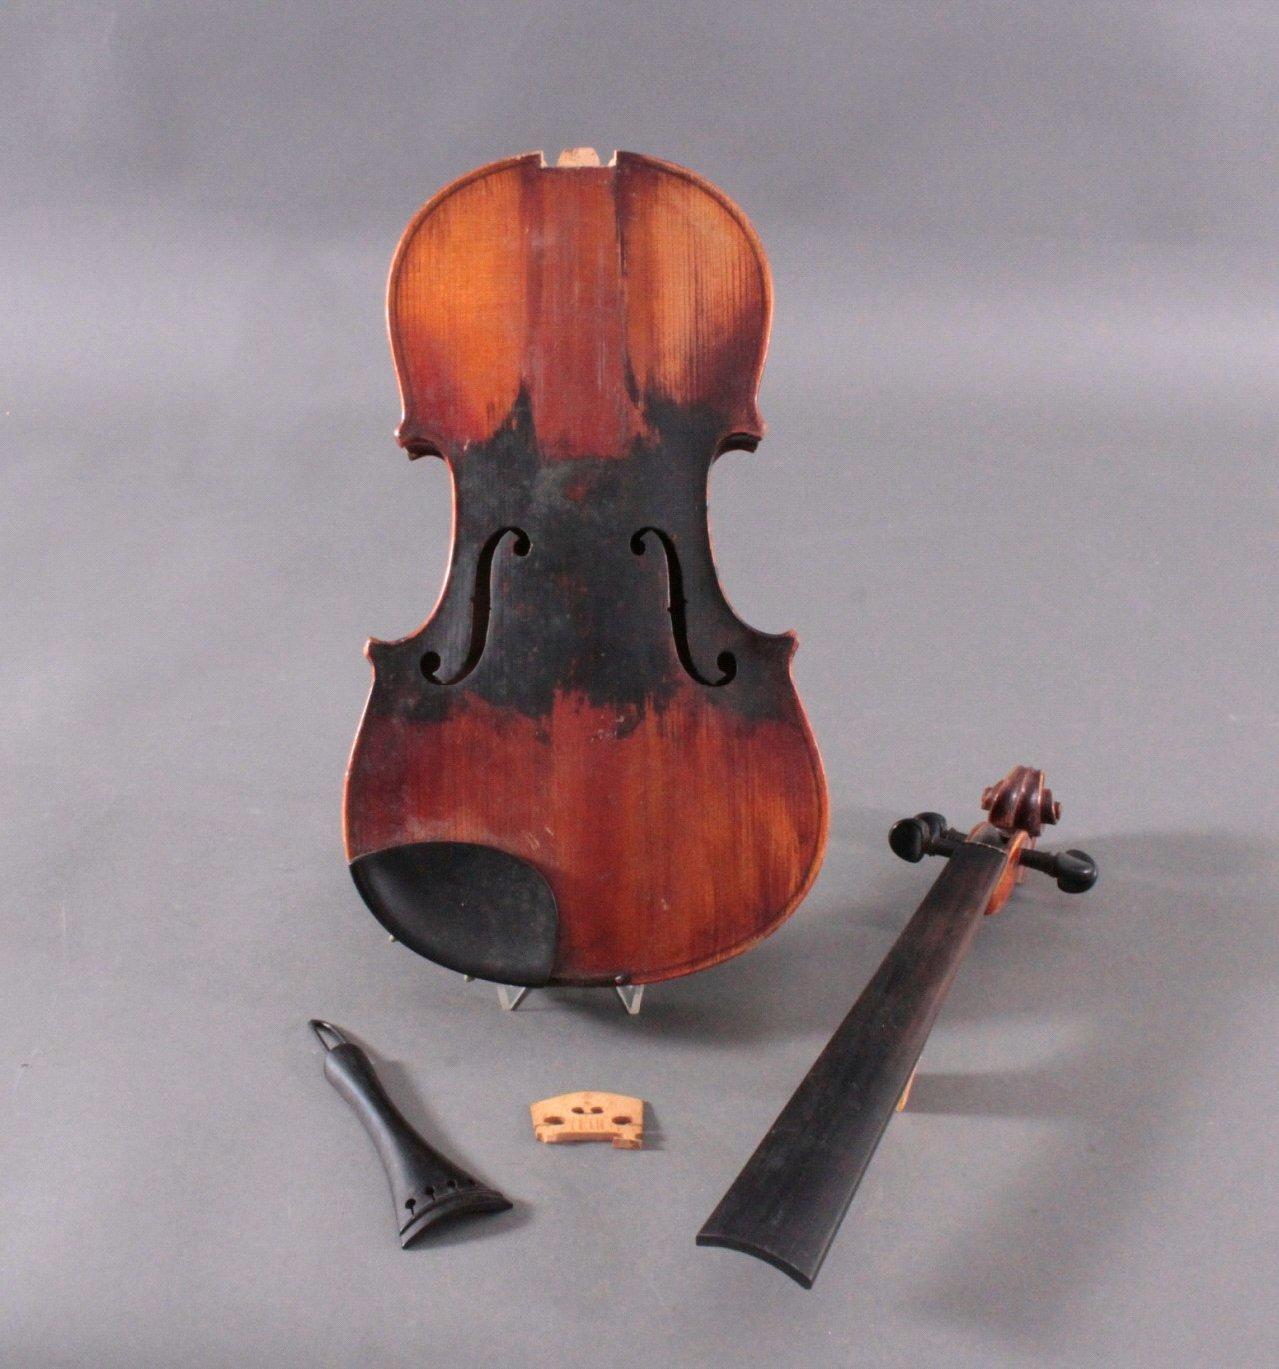 Geige / Violine mit Geigenkasten um 1900-1